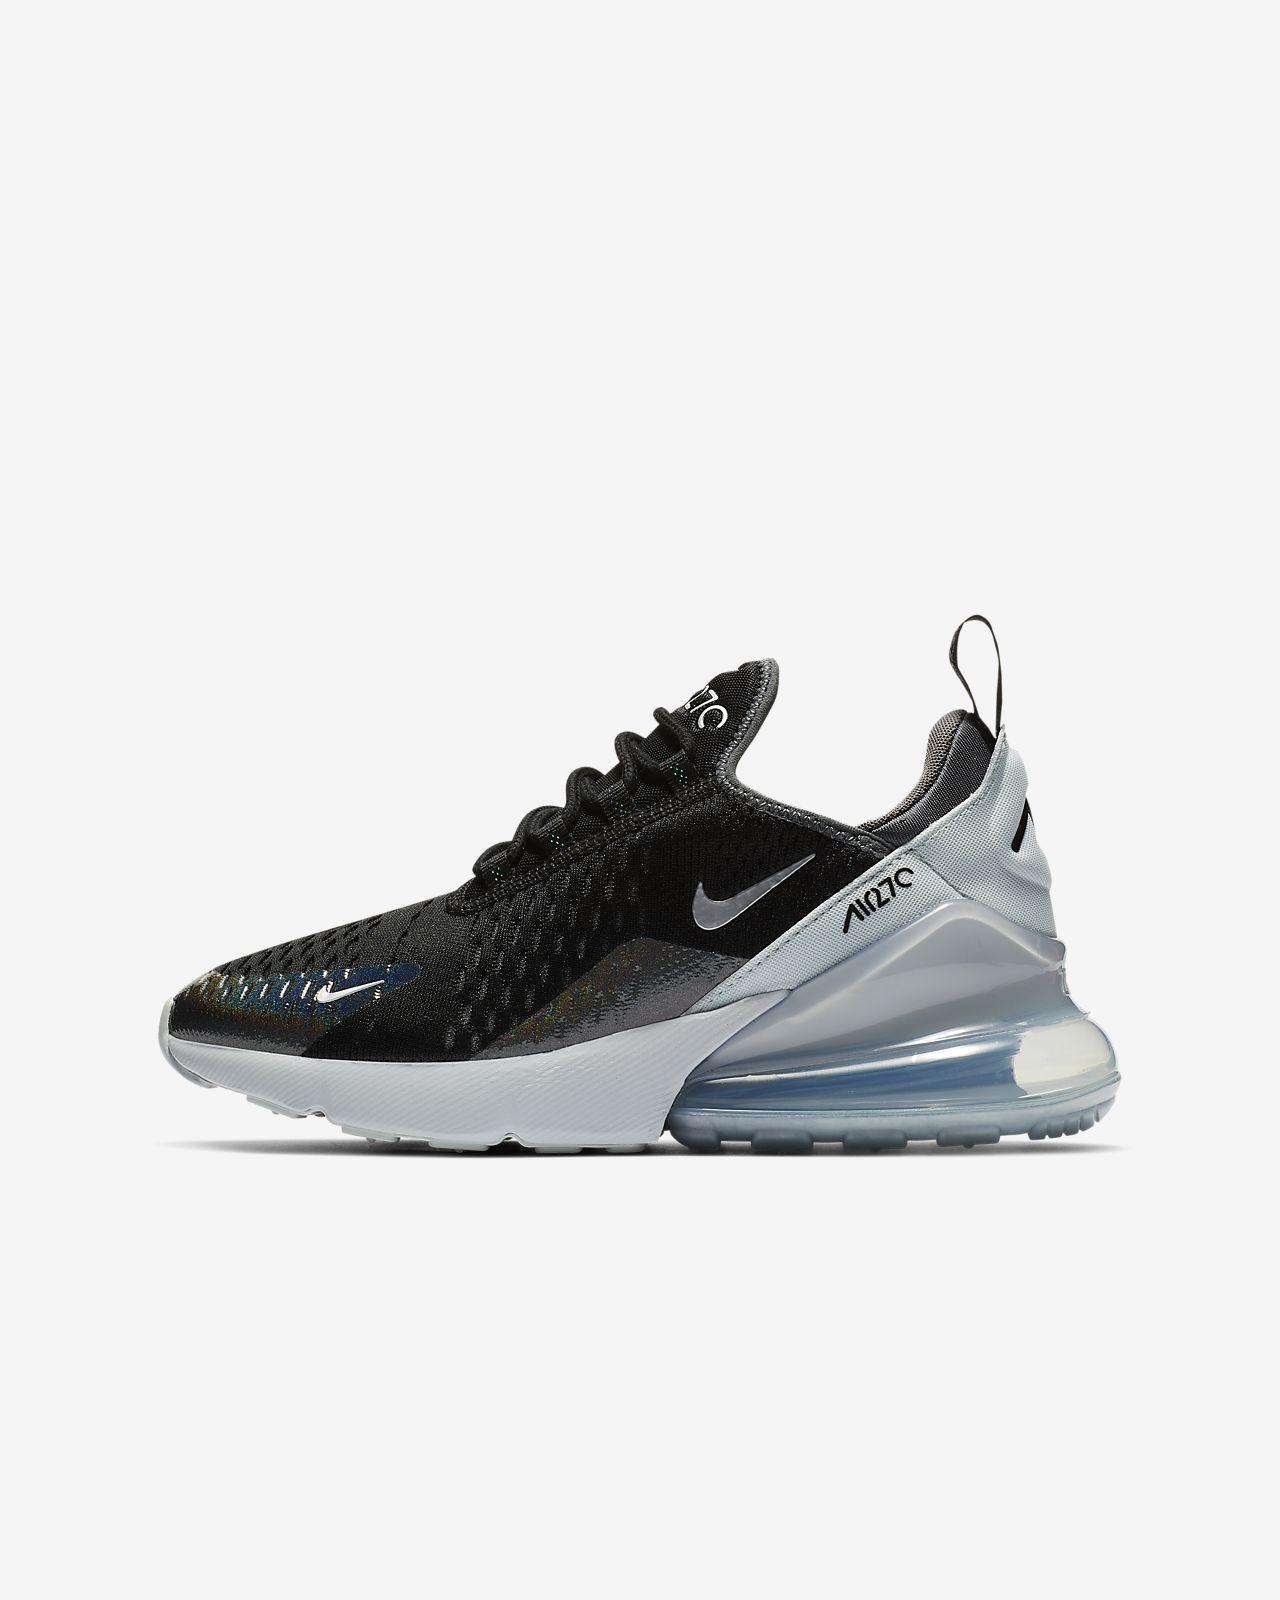 รองเท้าเด็กโต Nike Air Max 270 Y2K